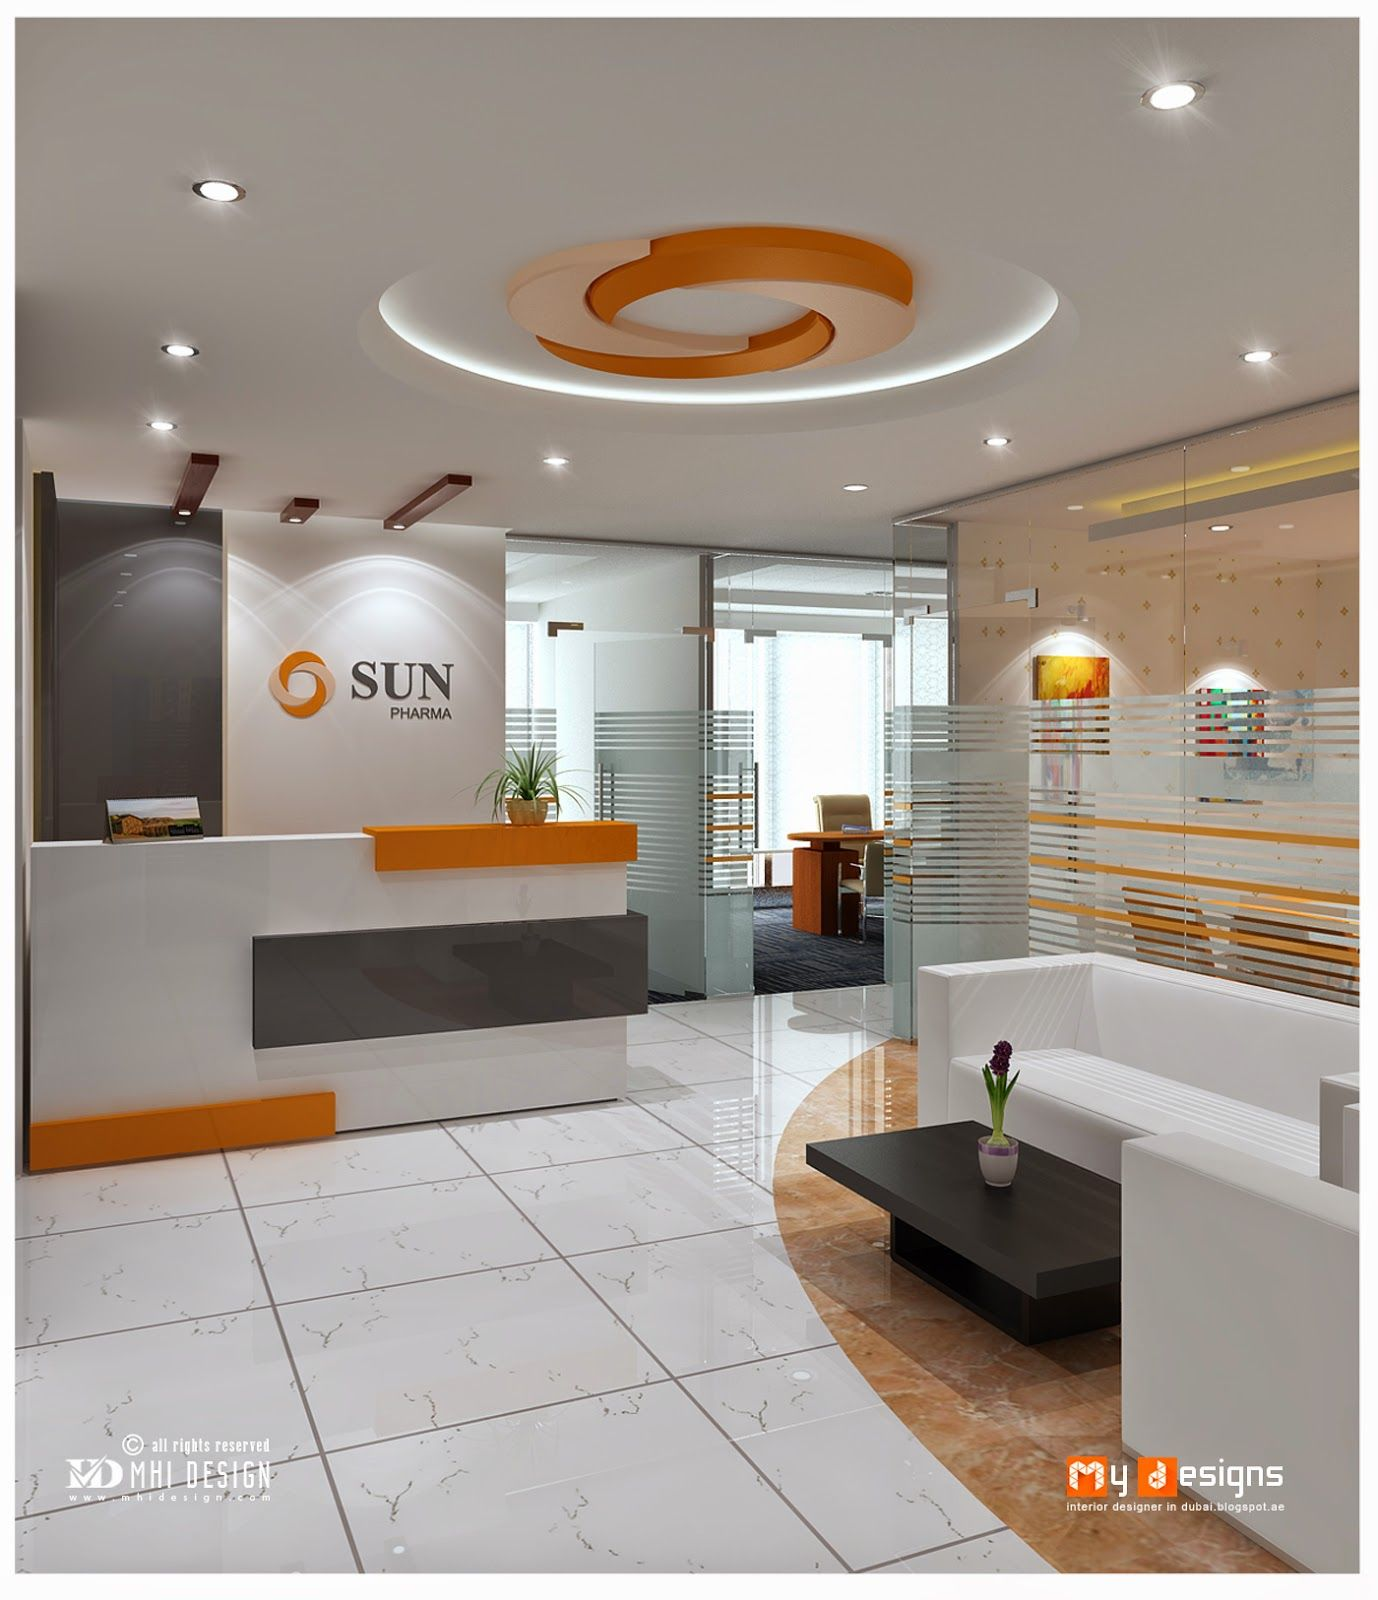 Interior Design Company Interior Contractors Dubai: Reception Design Proposal For Sun Pharma One Of MHI DESIGN